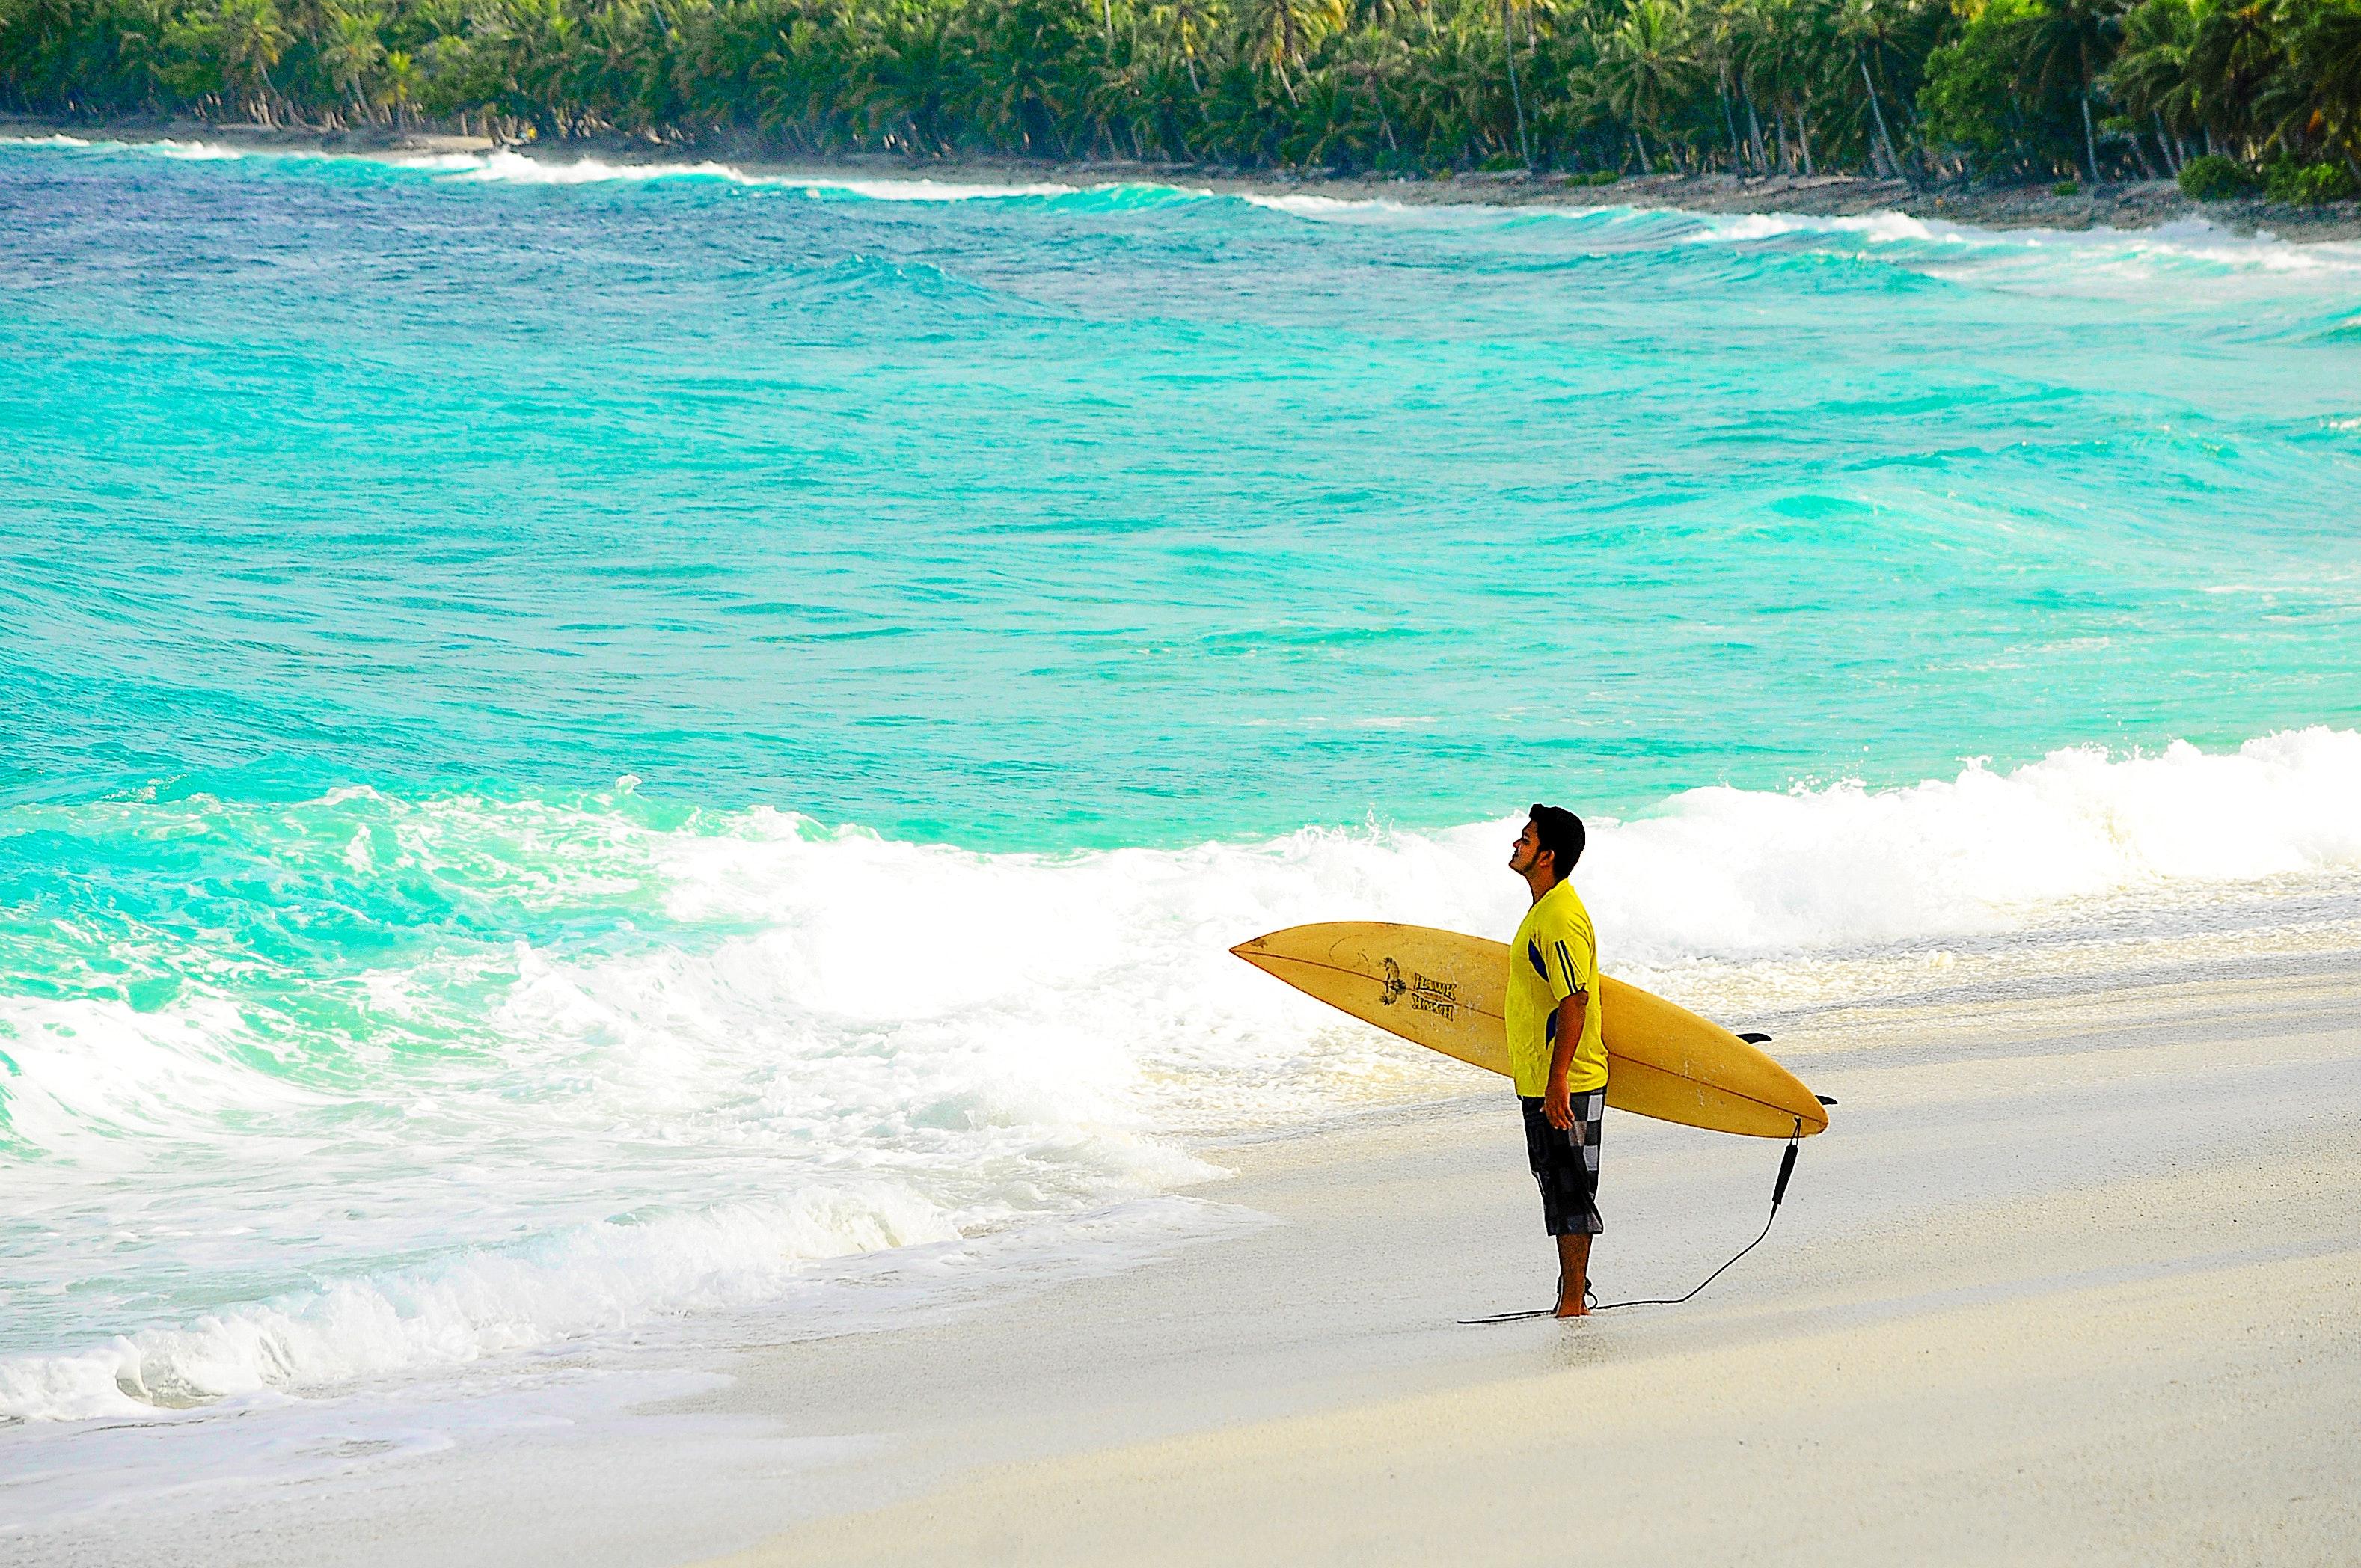 Consejos para surfear como un profesional